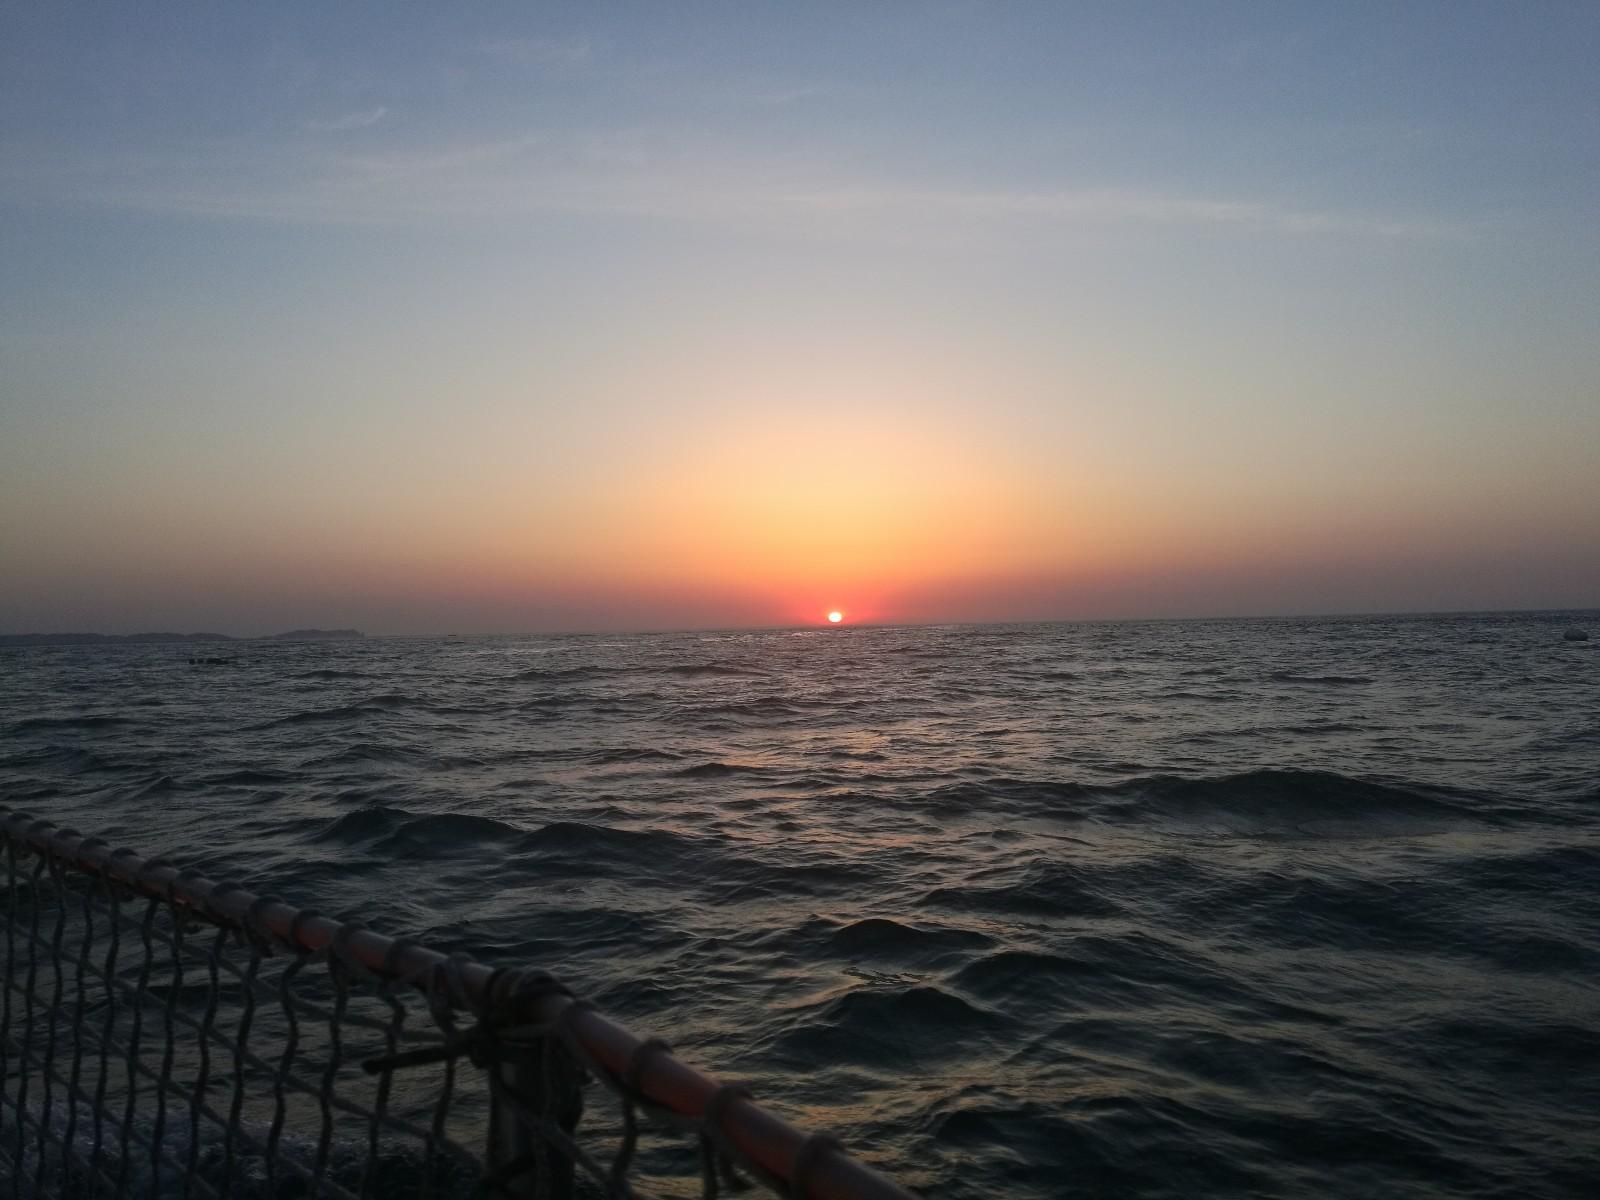 唐山,返航,航海,中篇,出处 我爱这被风带走不会再有的每一天 ,那只有我自己知道的快乐——唐山号返航记(下篇)  111601lyc6c7gw